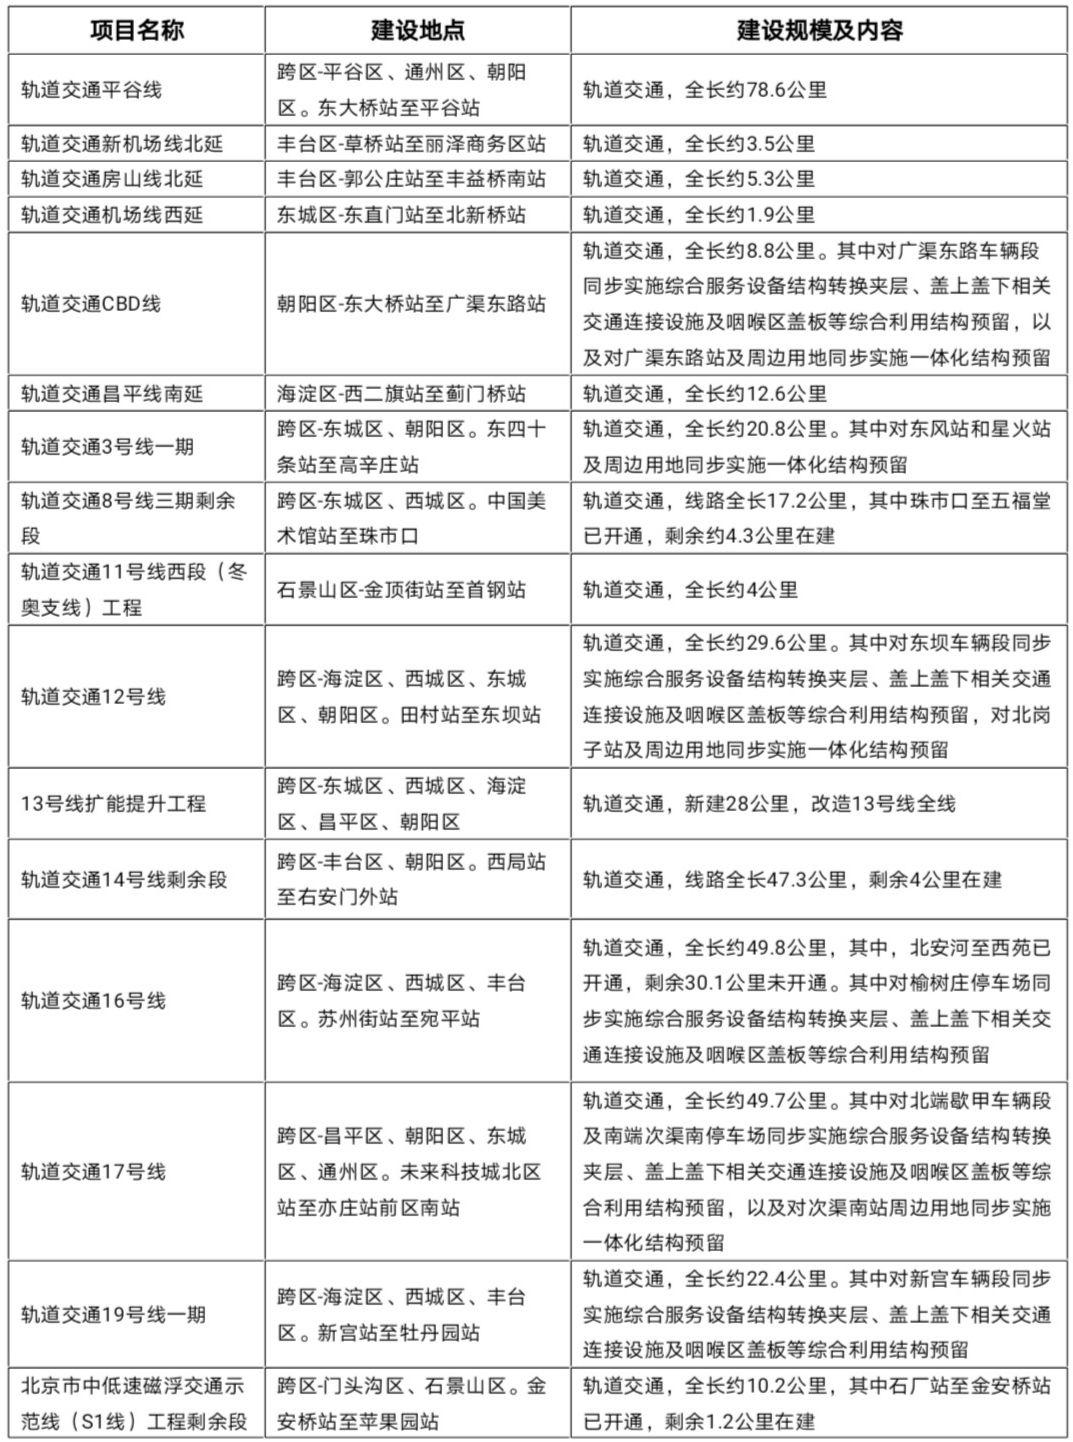 北京公布今年300项市重点工程,有16个轨道交通项目图片